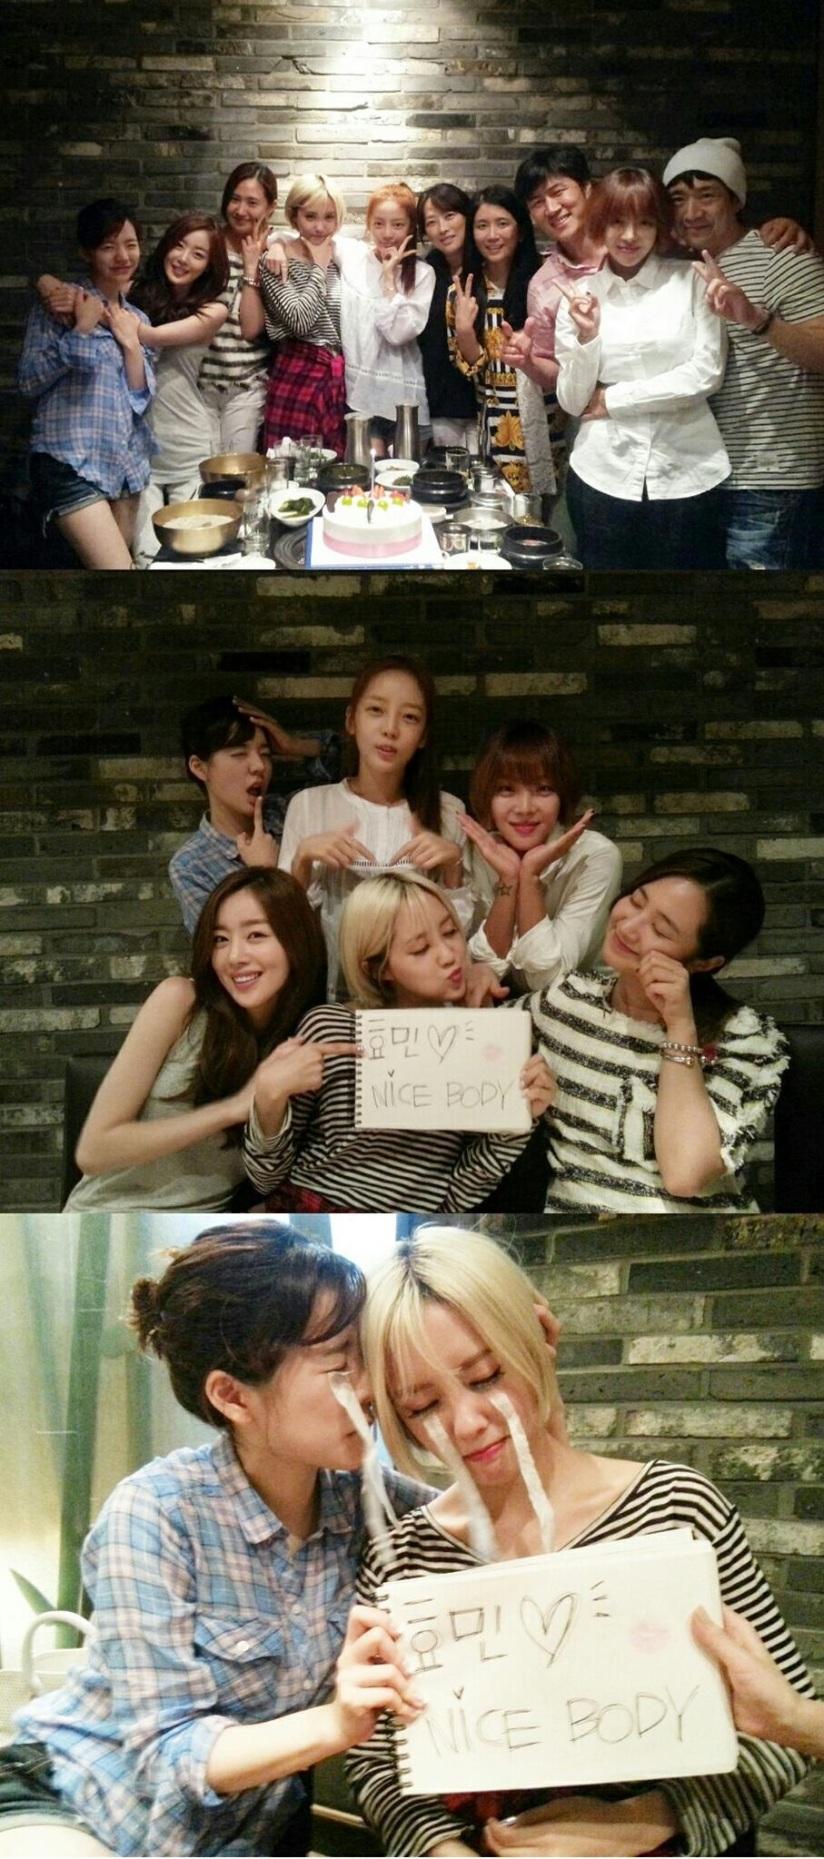 [140704] Sunny & Yuri (SNSD) New Selca via Hyomin's Twitter